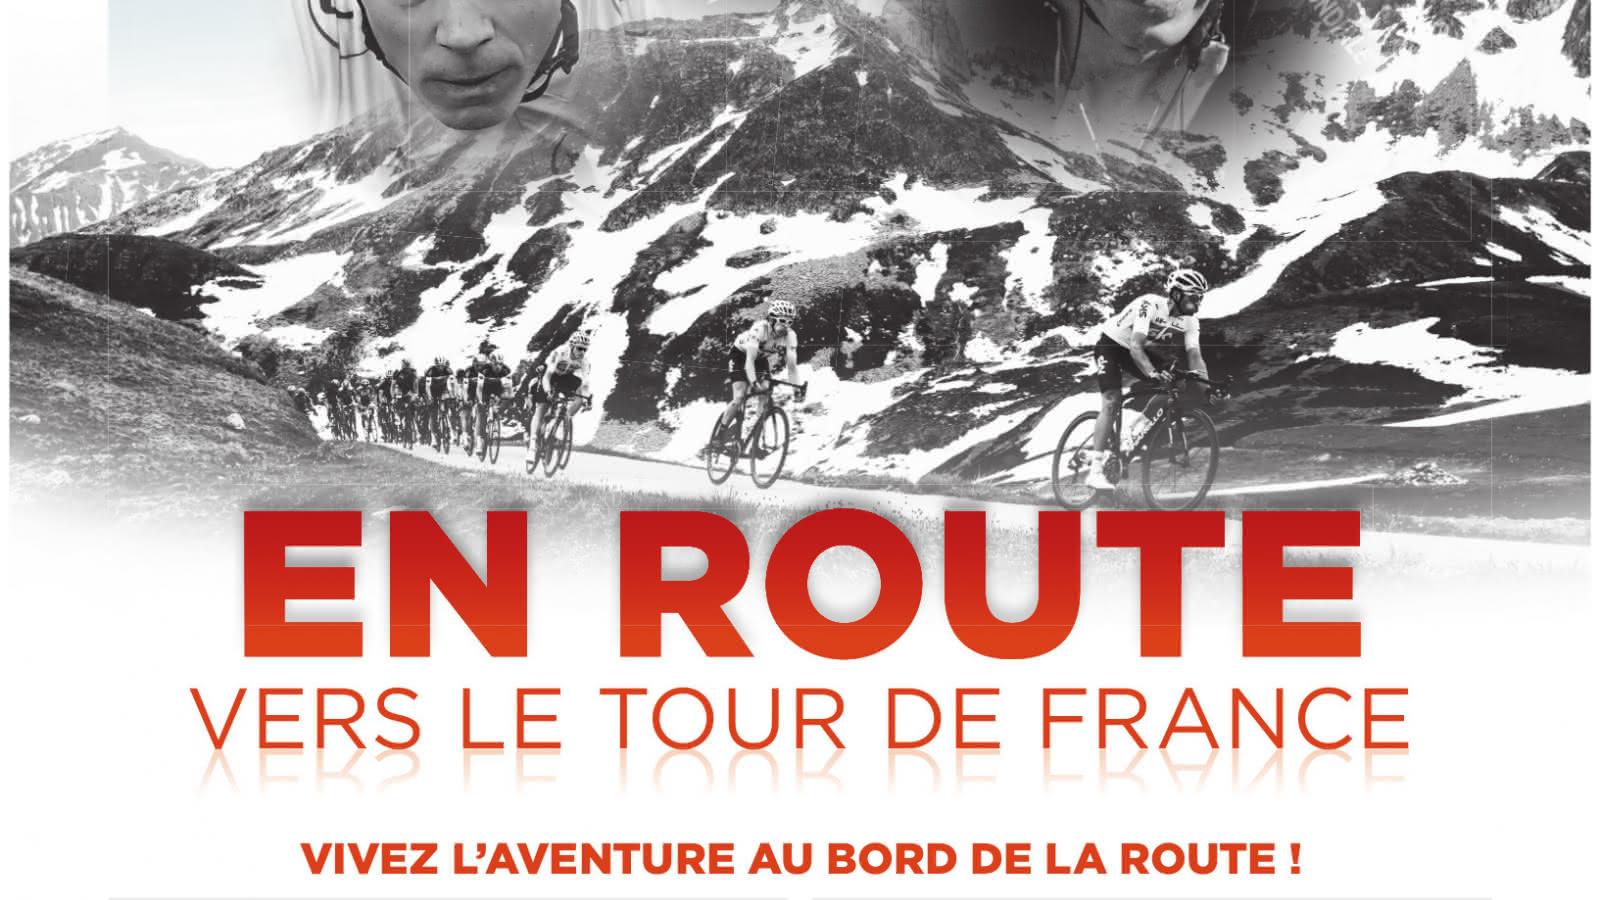 Affiche Critérium du Dauphiné Auvergne Rhône-Alpes